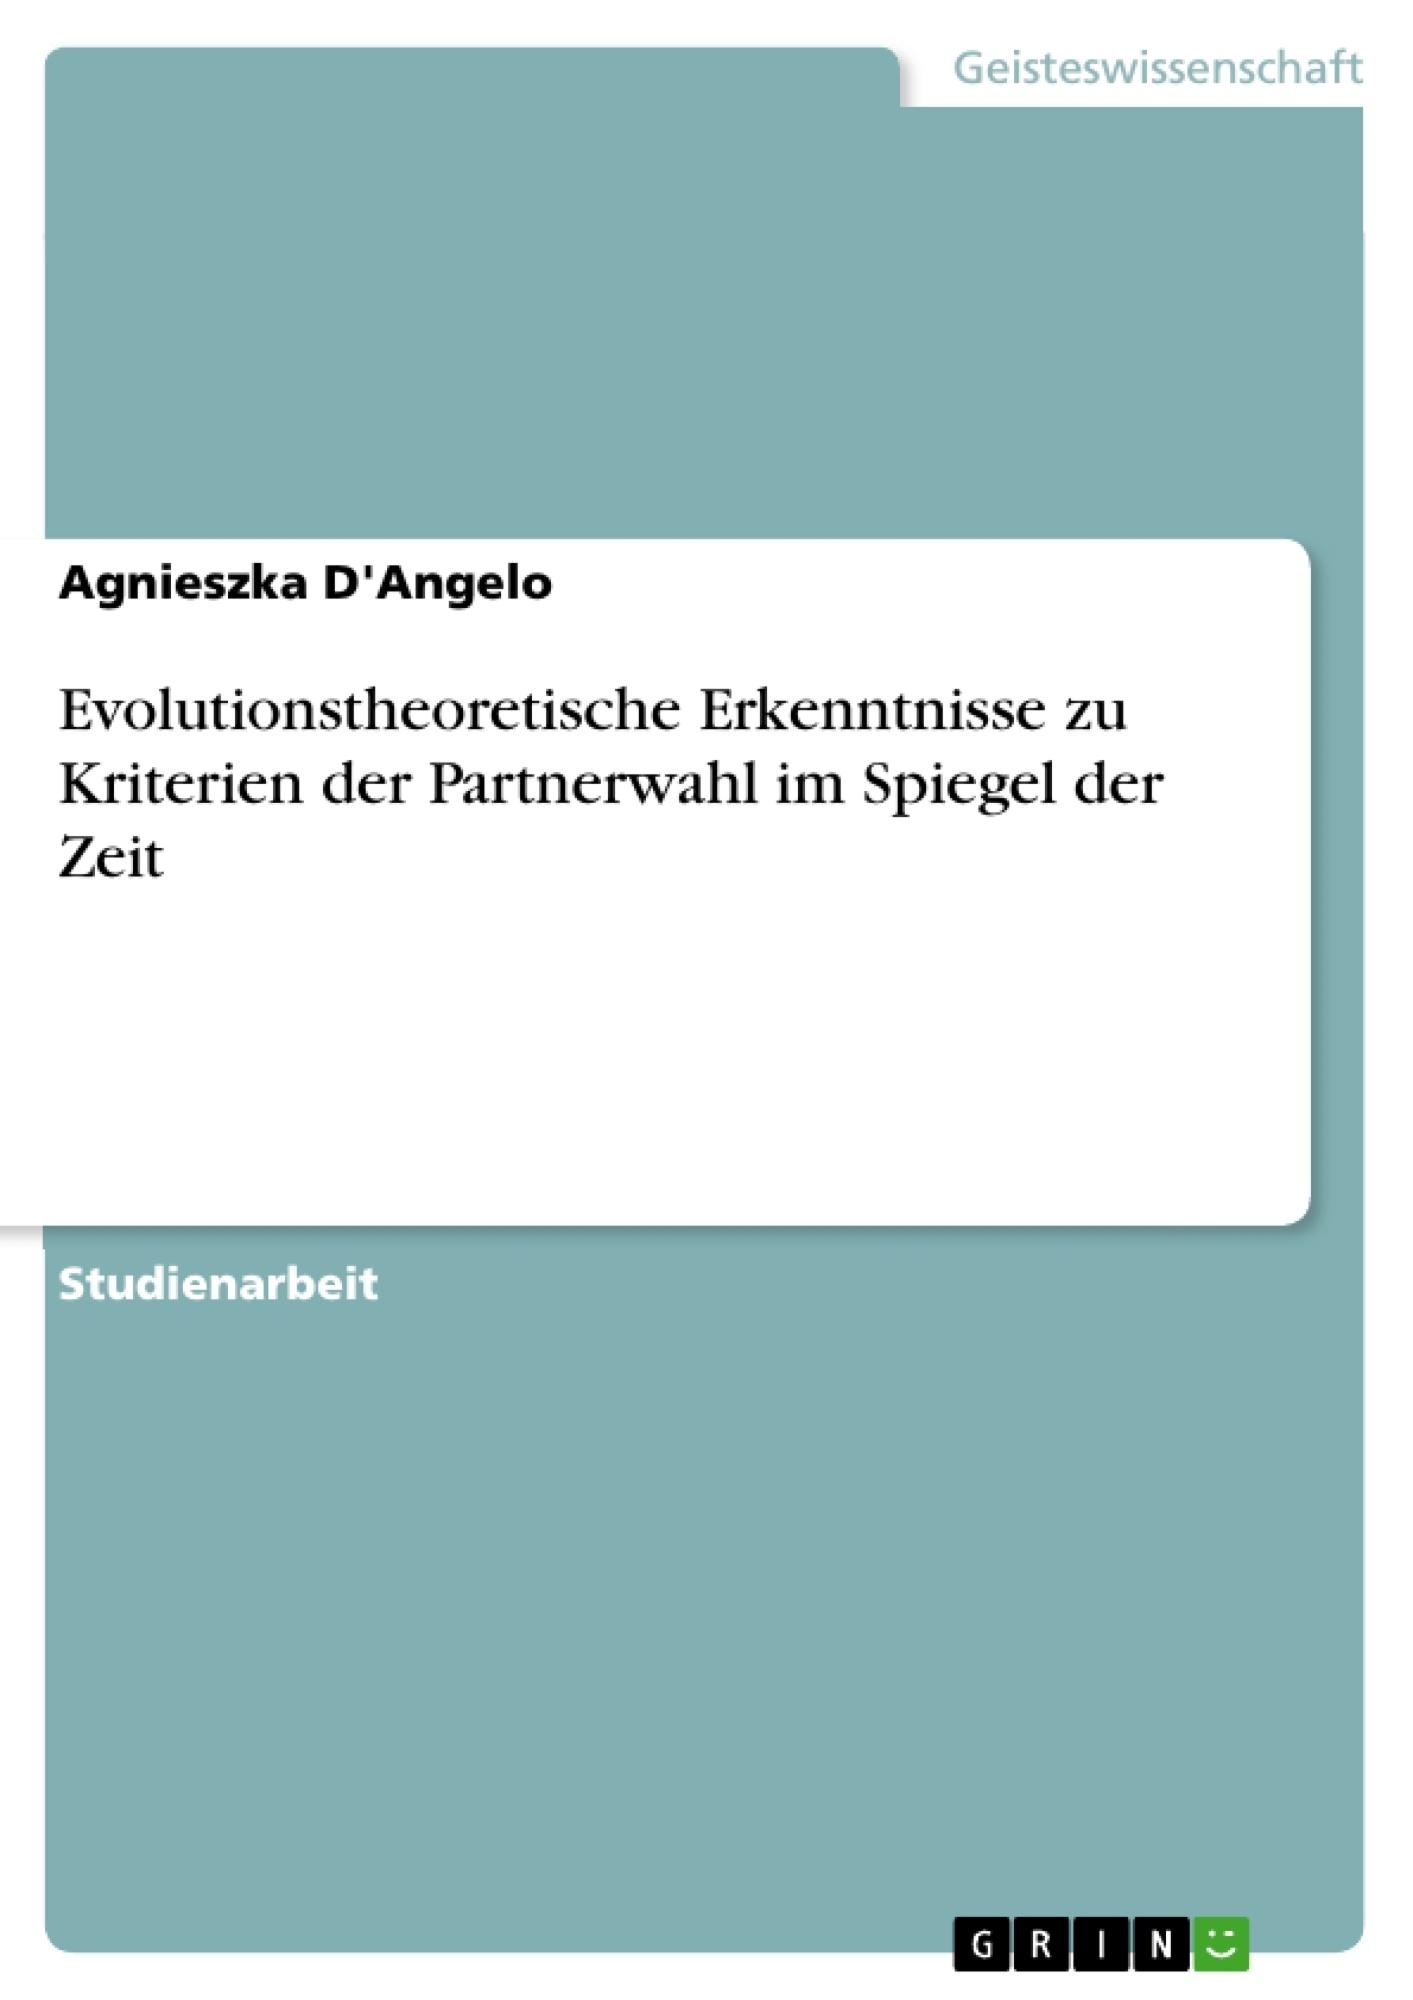 Titel: Evolutionstheoretische Erkenntnisse zu Kriterien der Partnerwahl im Spiegel der Zeit